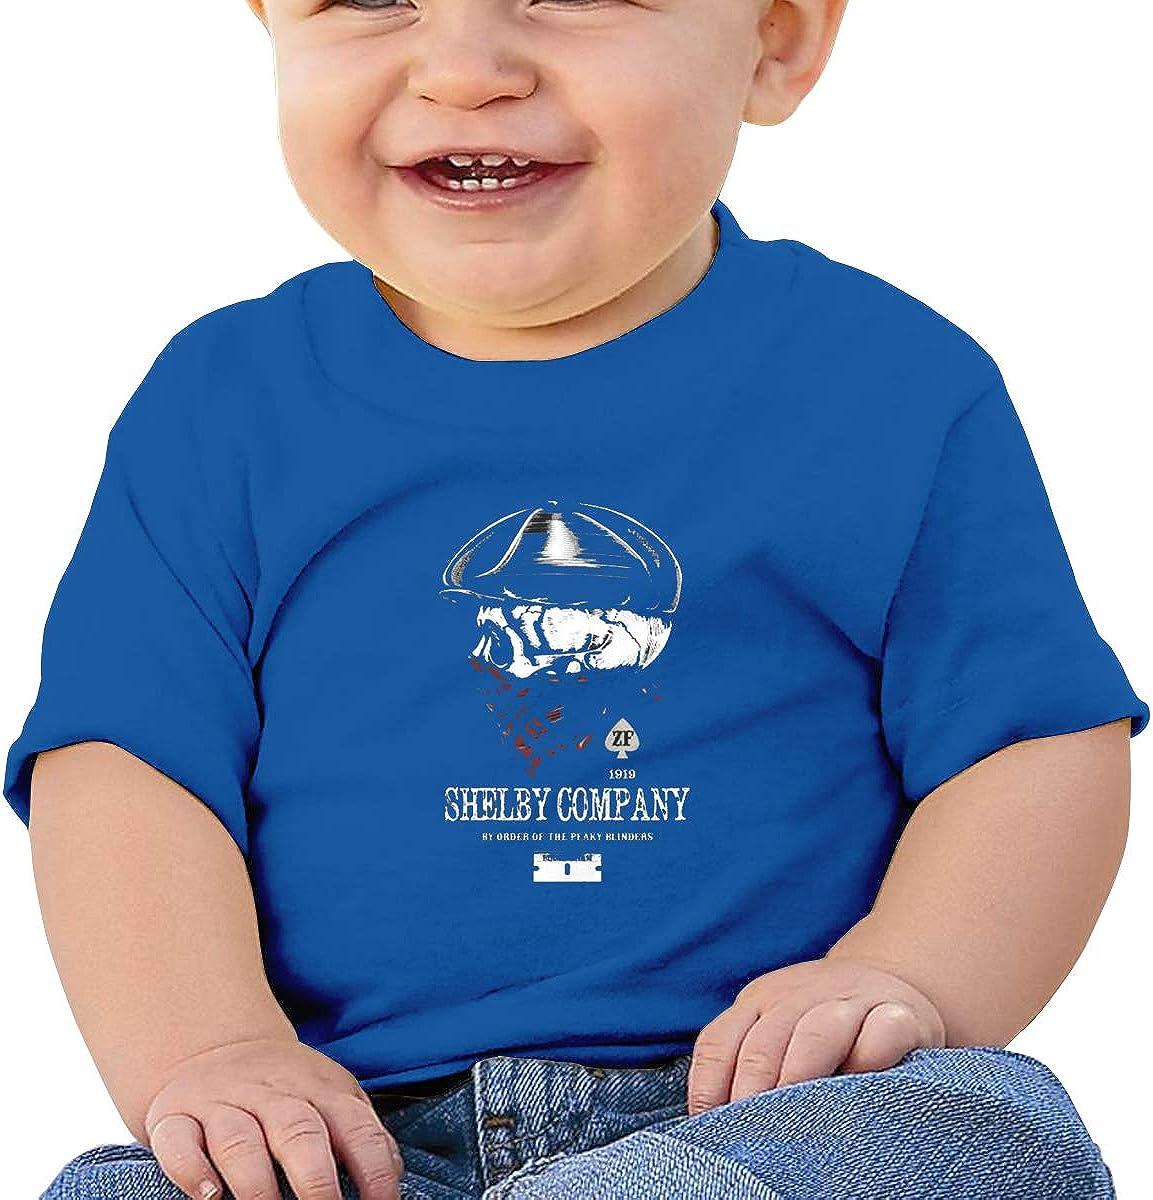 Shelby Company by Order of The Peaky Blinders - Camiseta de Manga Corta para bebé (algodón), diseño de Estampado de bebé - Azul - 12 Meses: Amazon.es: Ropa y accesorios